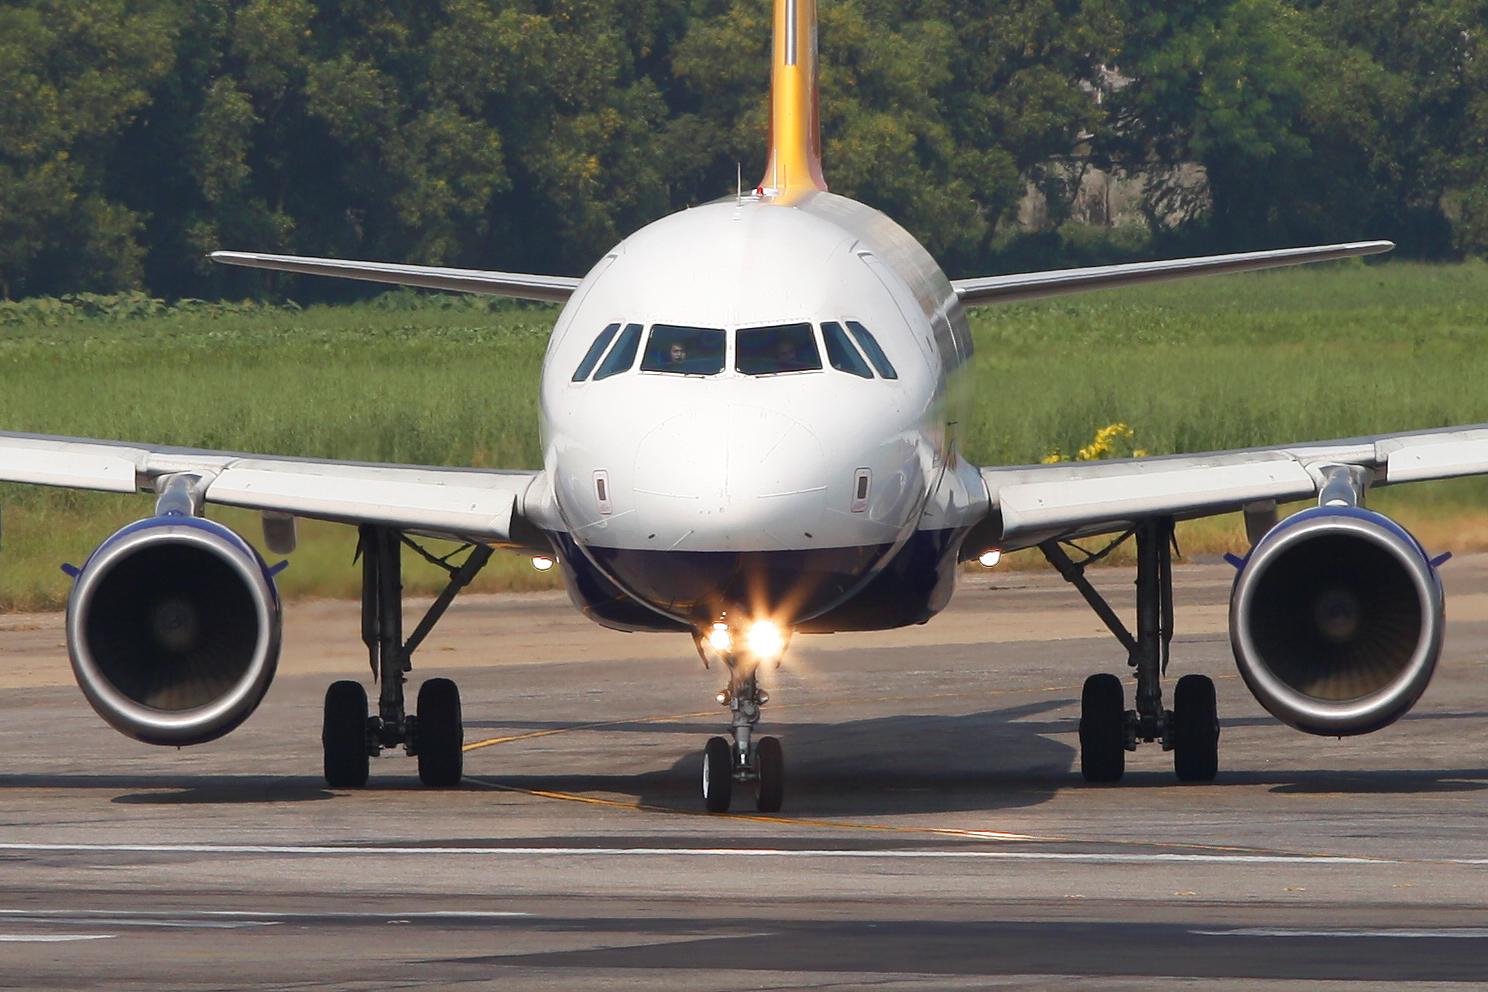 Filea5 Rgf Airbus A319 115 Druk Air Royal Bhutan Airlines Head On